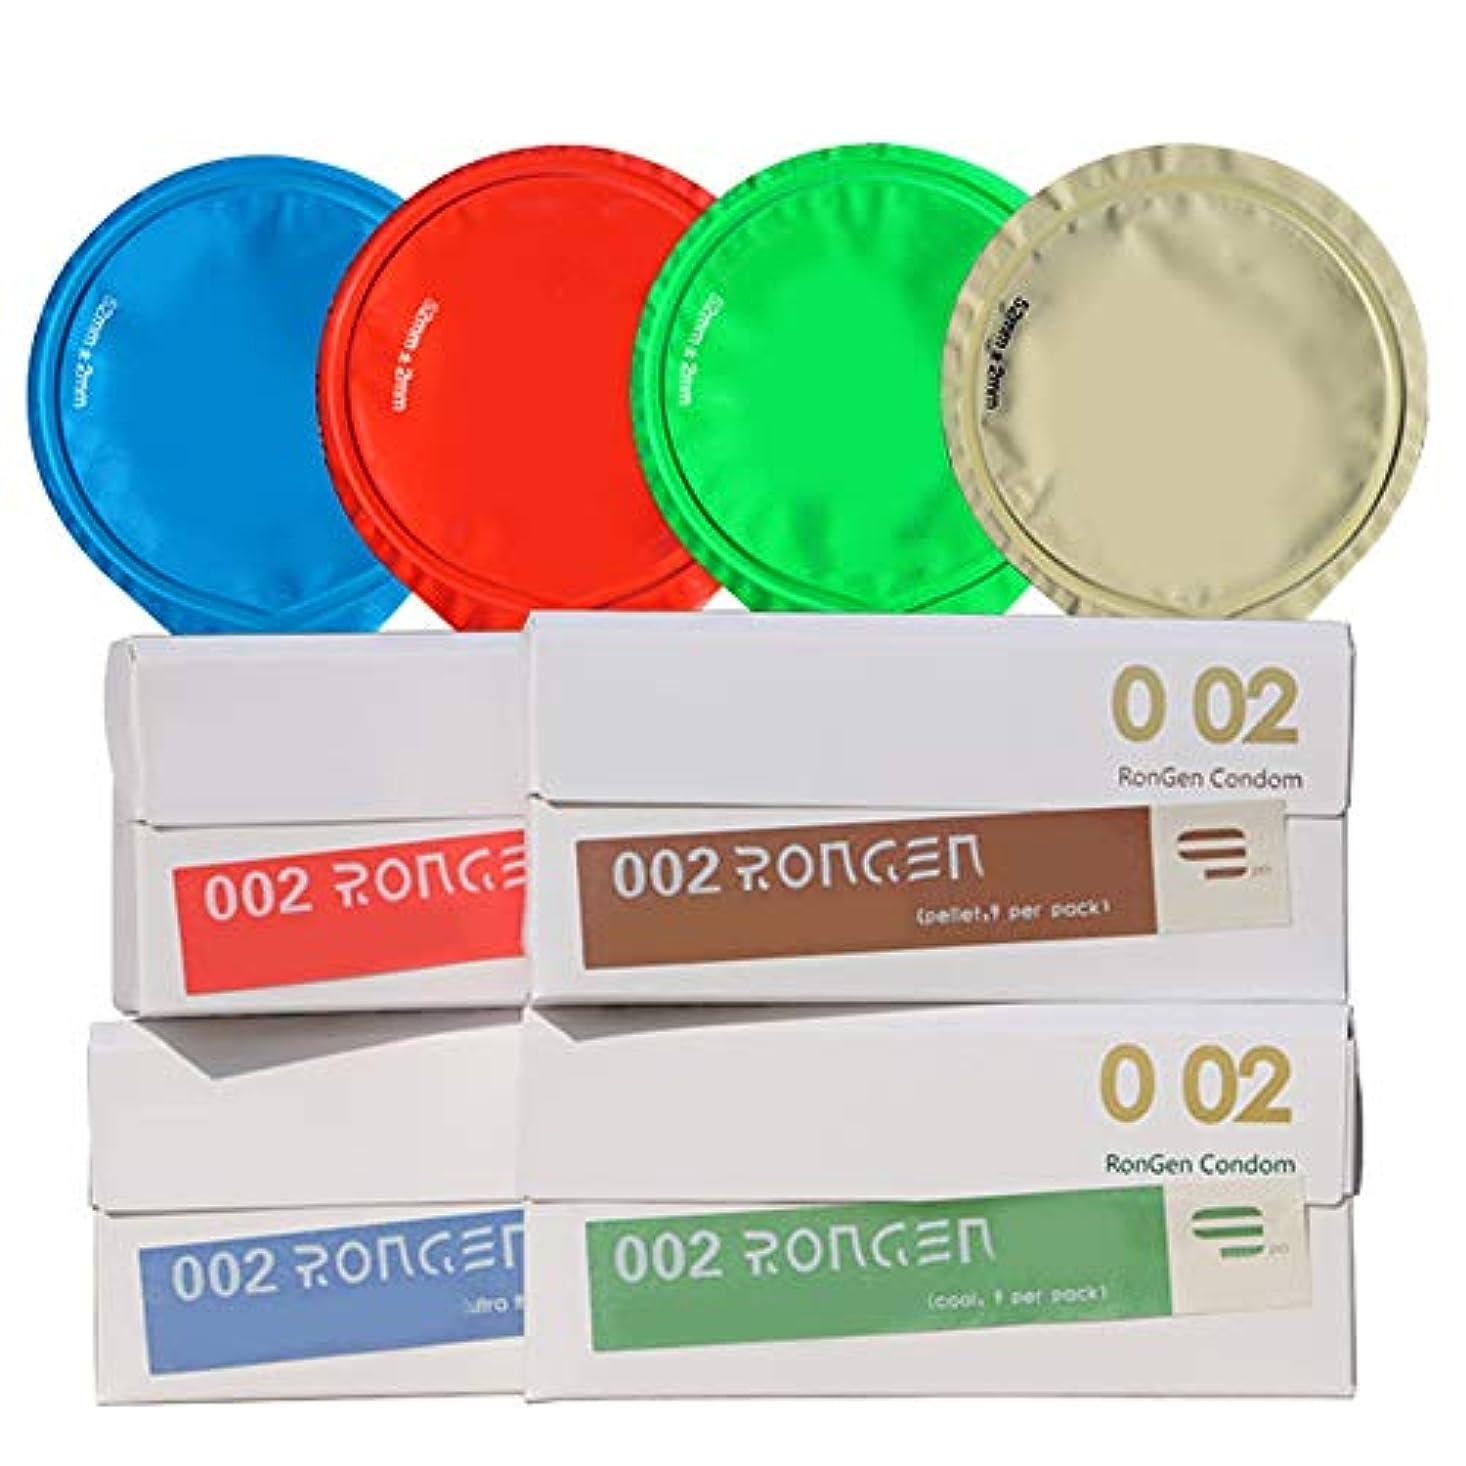 水銀の知覚できるバウンスSugeryy 業務用コンドーム 超薄 安全 衛生 潤滑 アイス/ホット感 摩擦増加 潮吹き Gスポット刺激 快感アップ